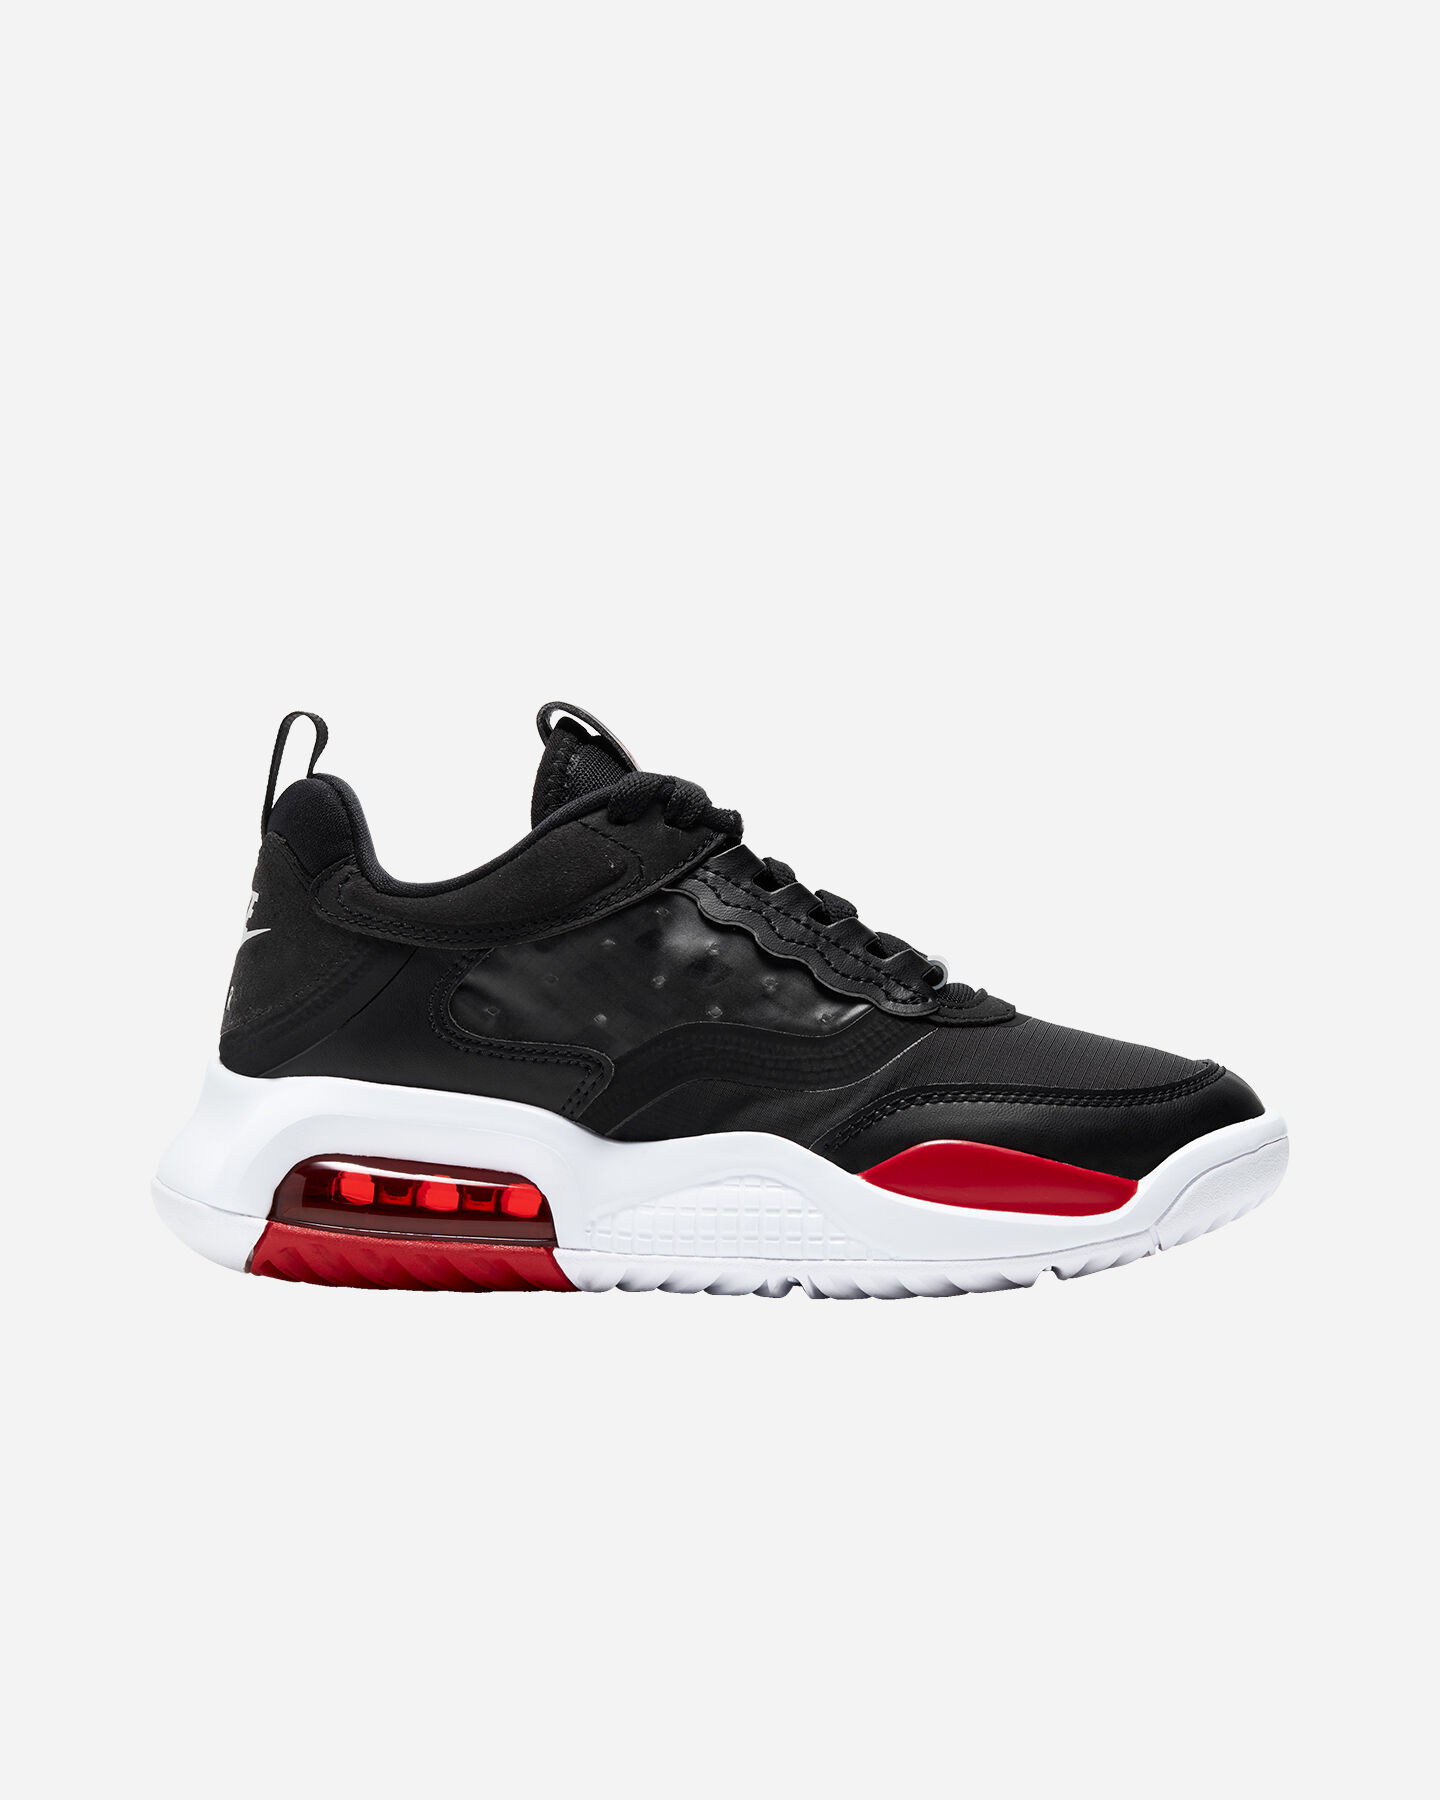 Scarpe sneakers NIKE JORDAN MAX 200 GS JR S5197513 scatto 0